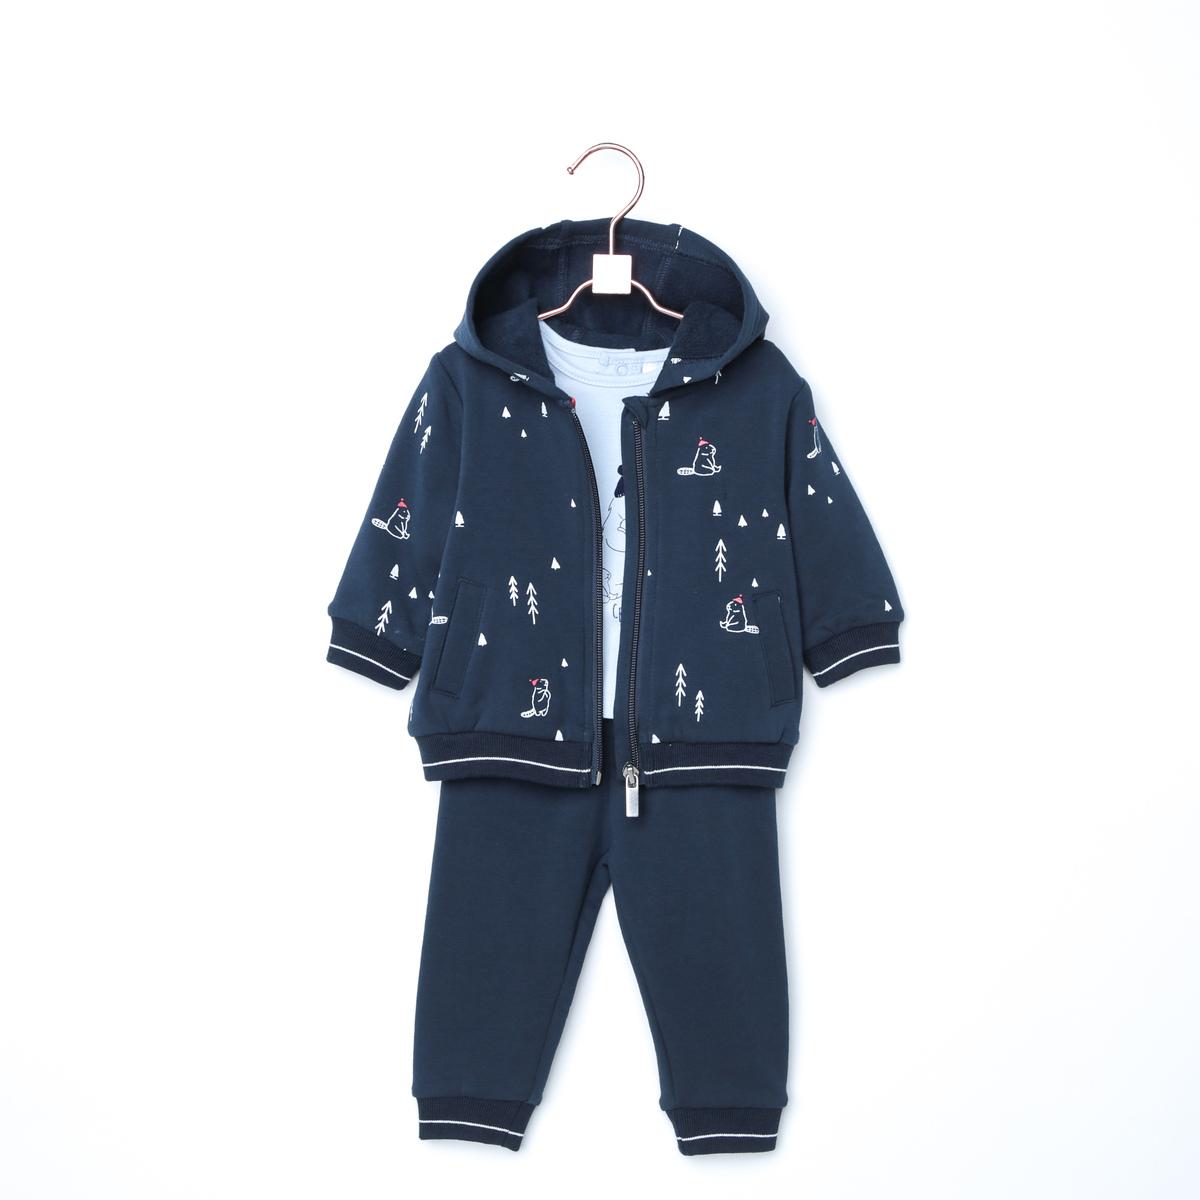 Gwendoline Lefeuvre ⎮ Graphisme & Design textile à Nantes ⎮ Carrément Beau marque de vêtements Enfants imprimé castor